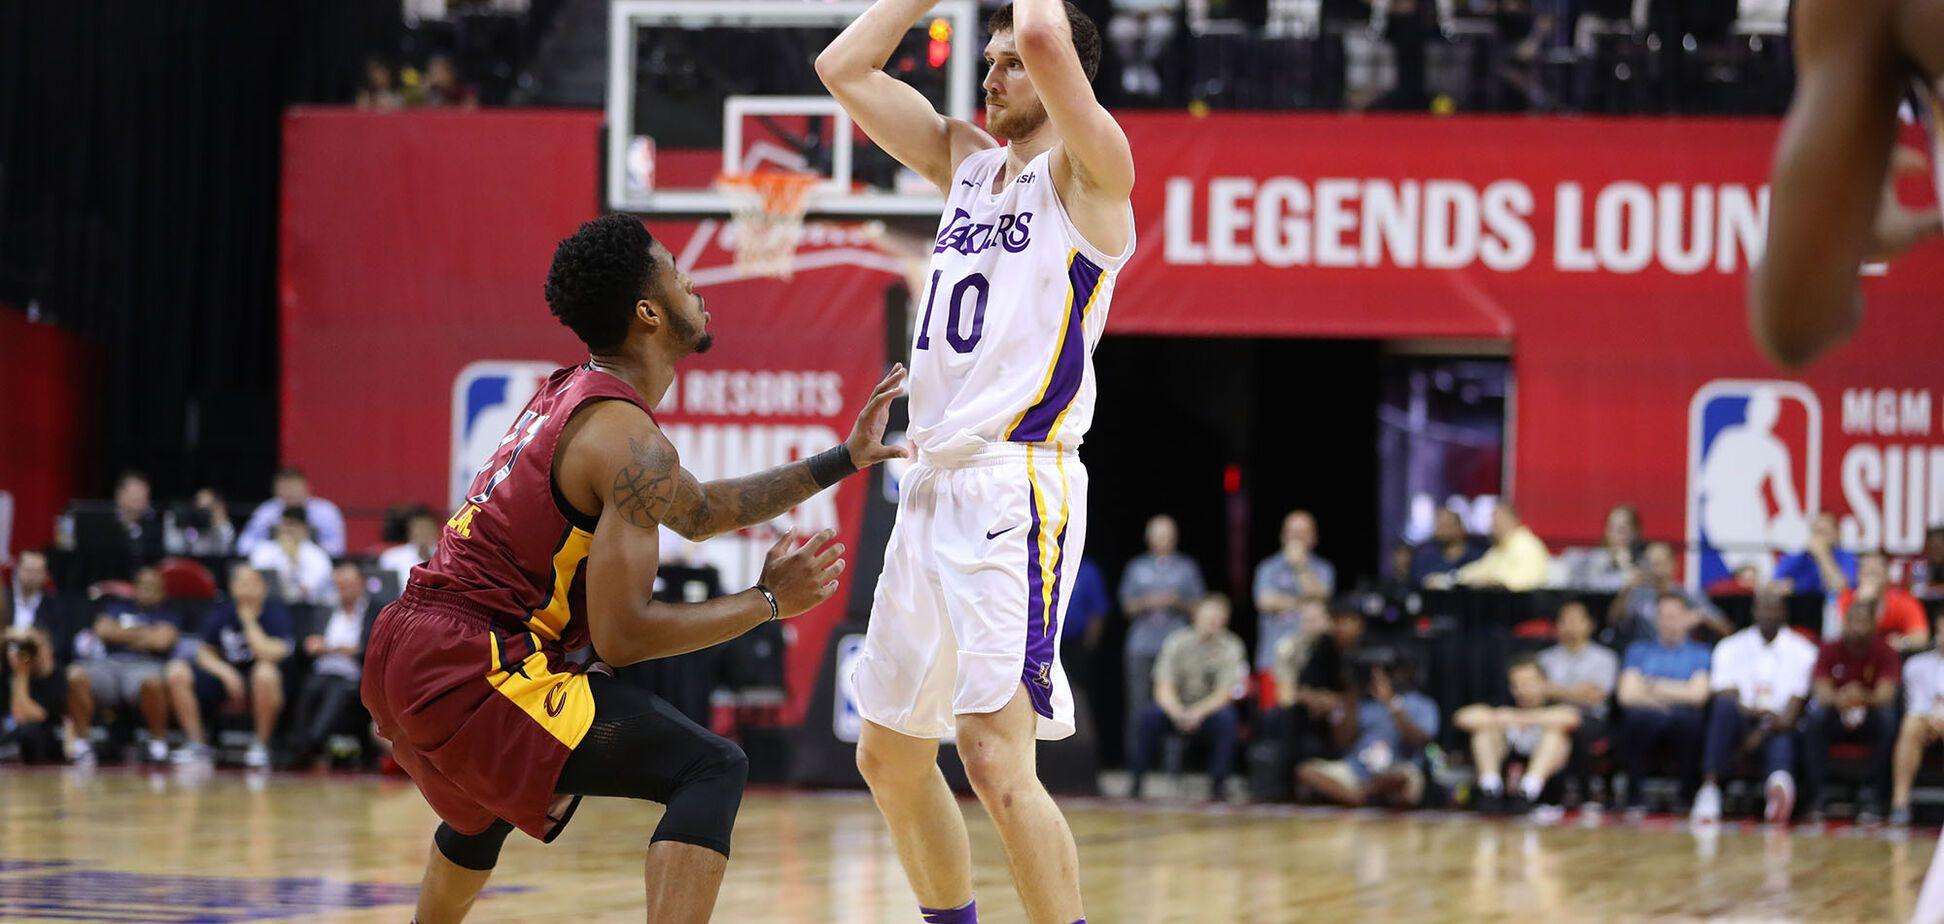 Сыграет в финале! Украинец Михайлюк установил рекорд в НБА